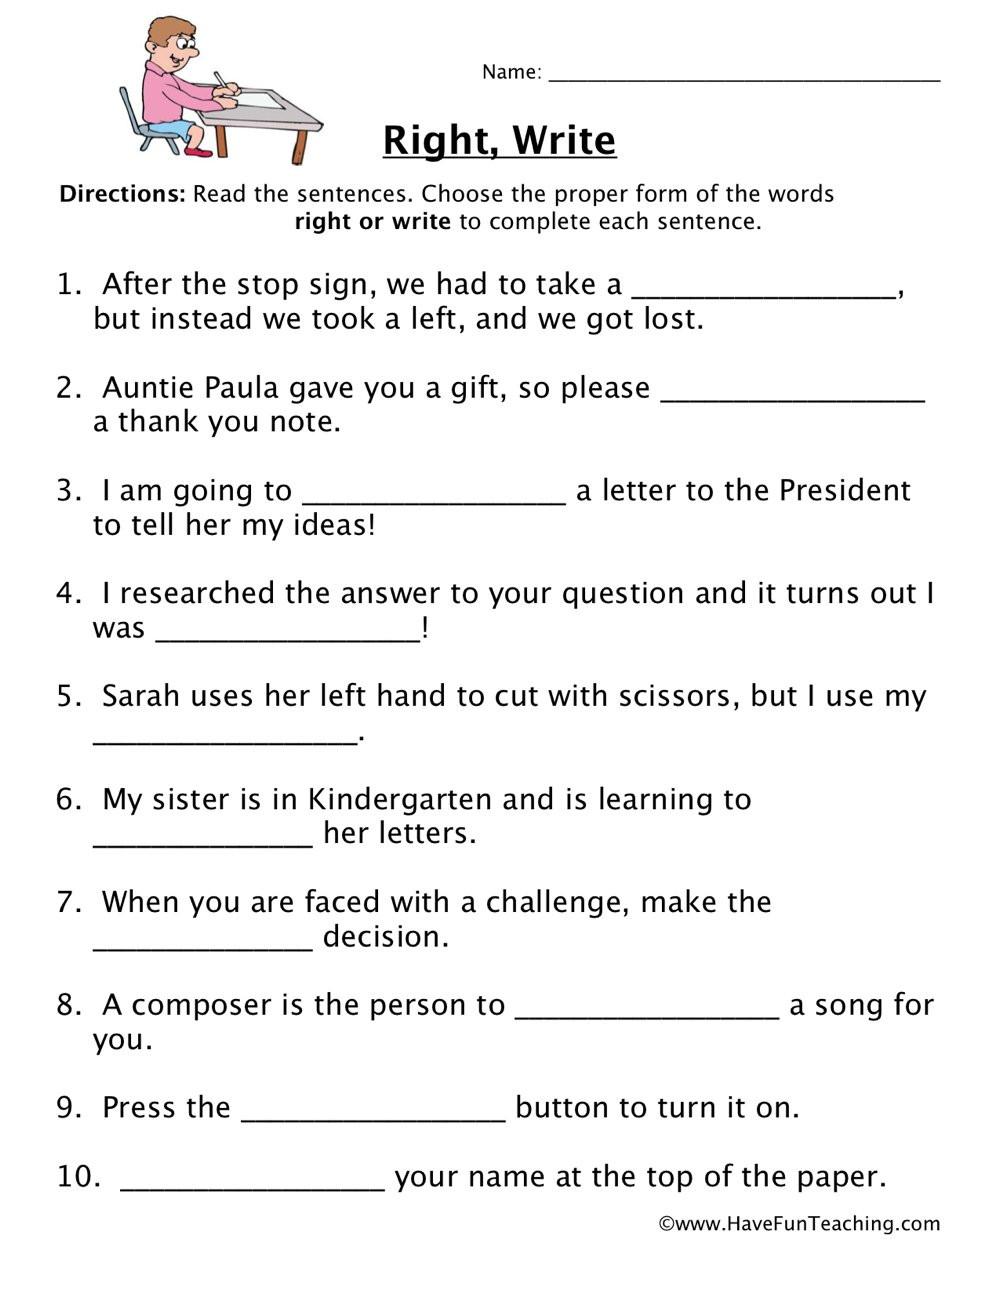 Homophone Worksheet 4th Grade Right Write Homophones Worksheet